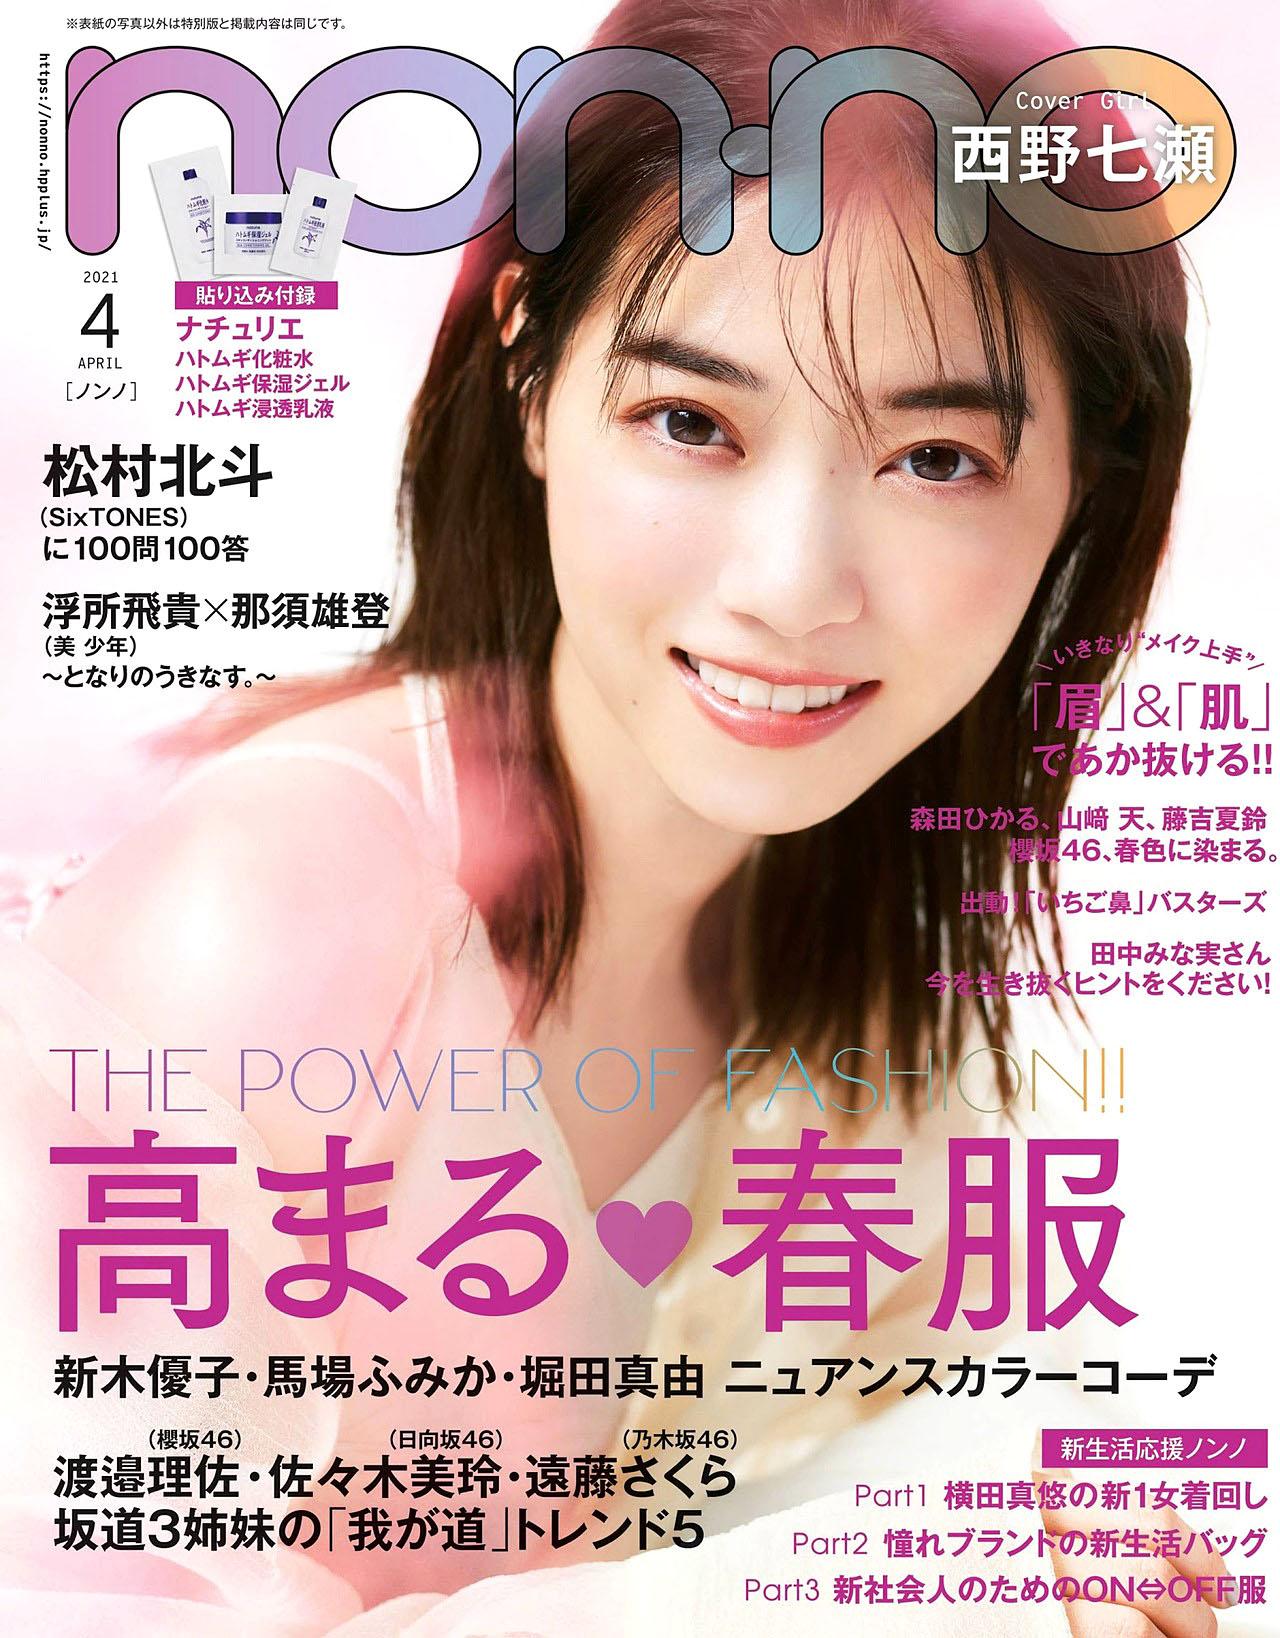 NNishino Non-No 2104 01.jpg